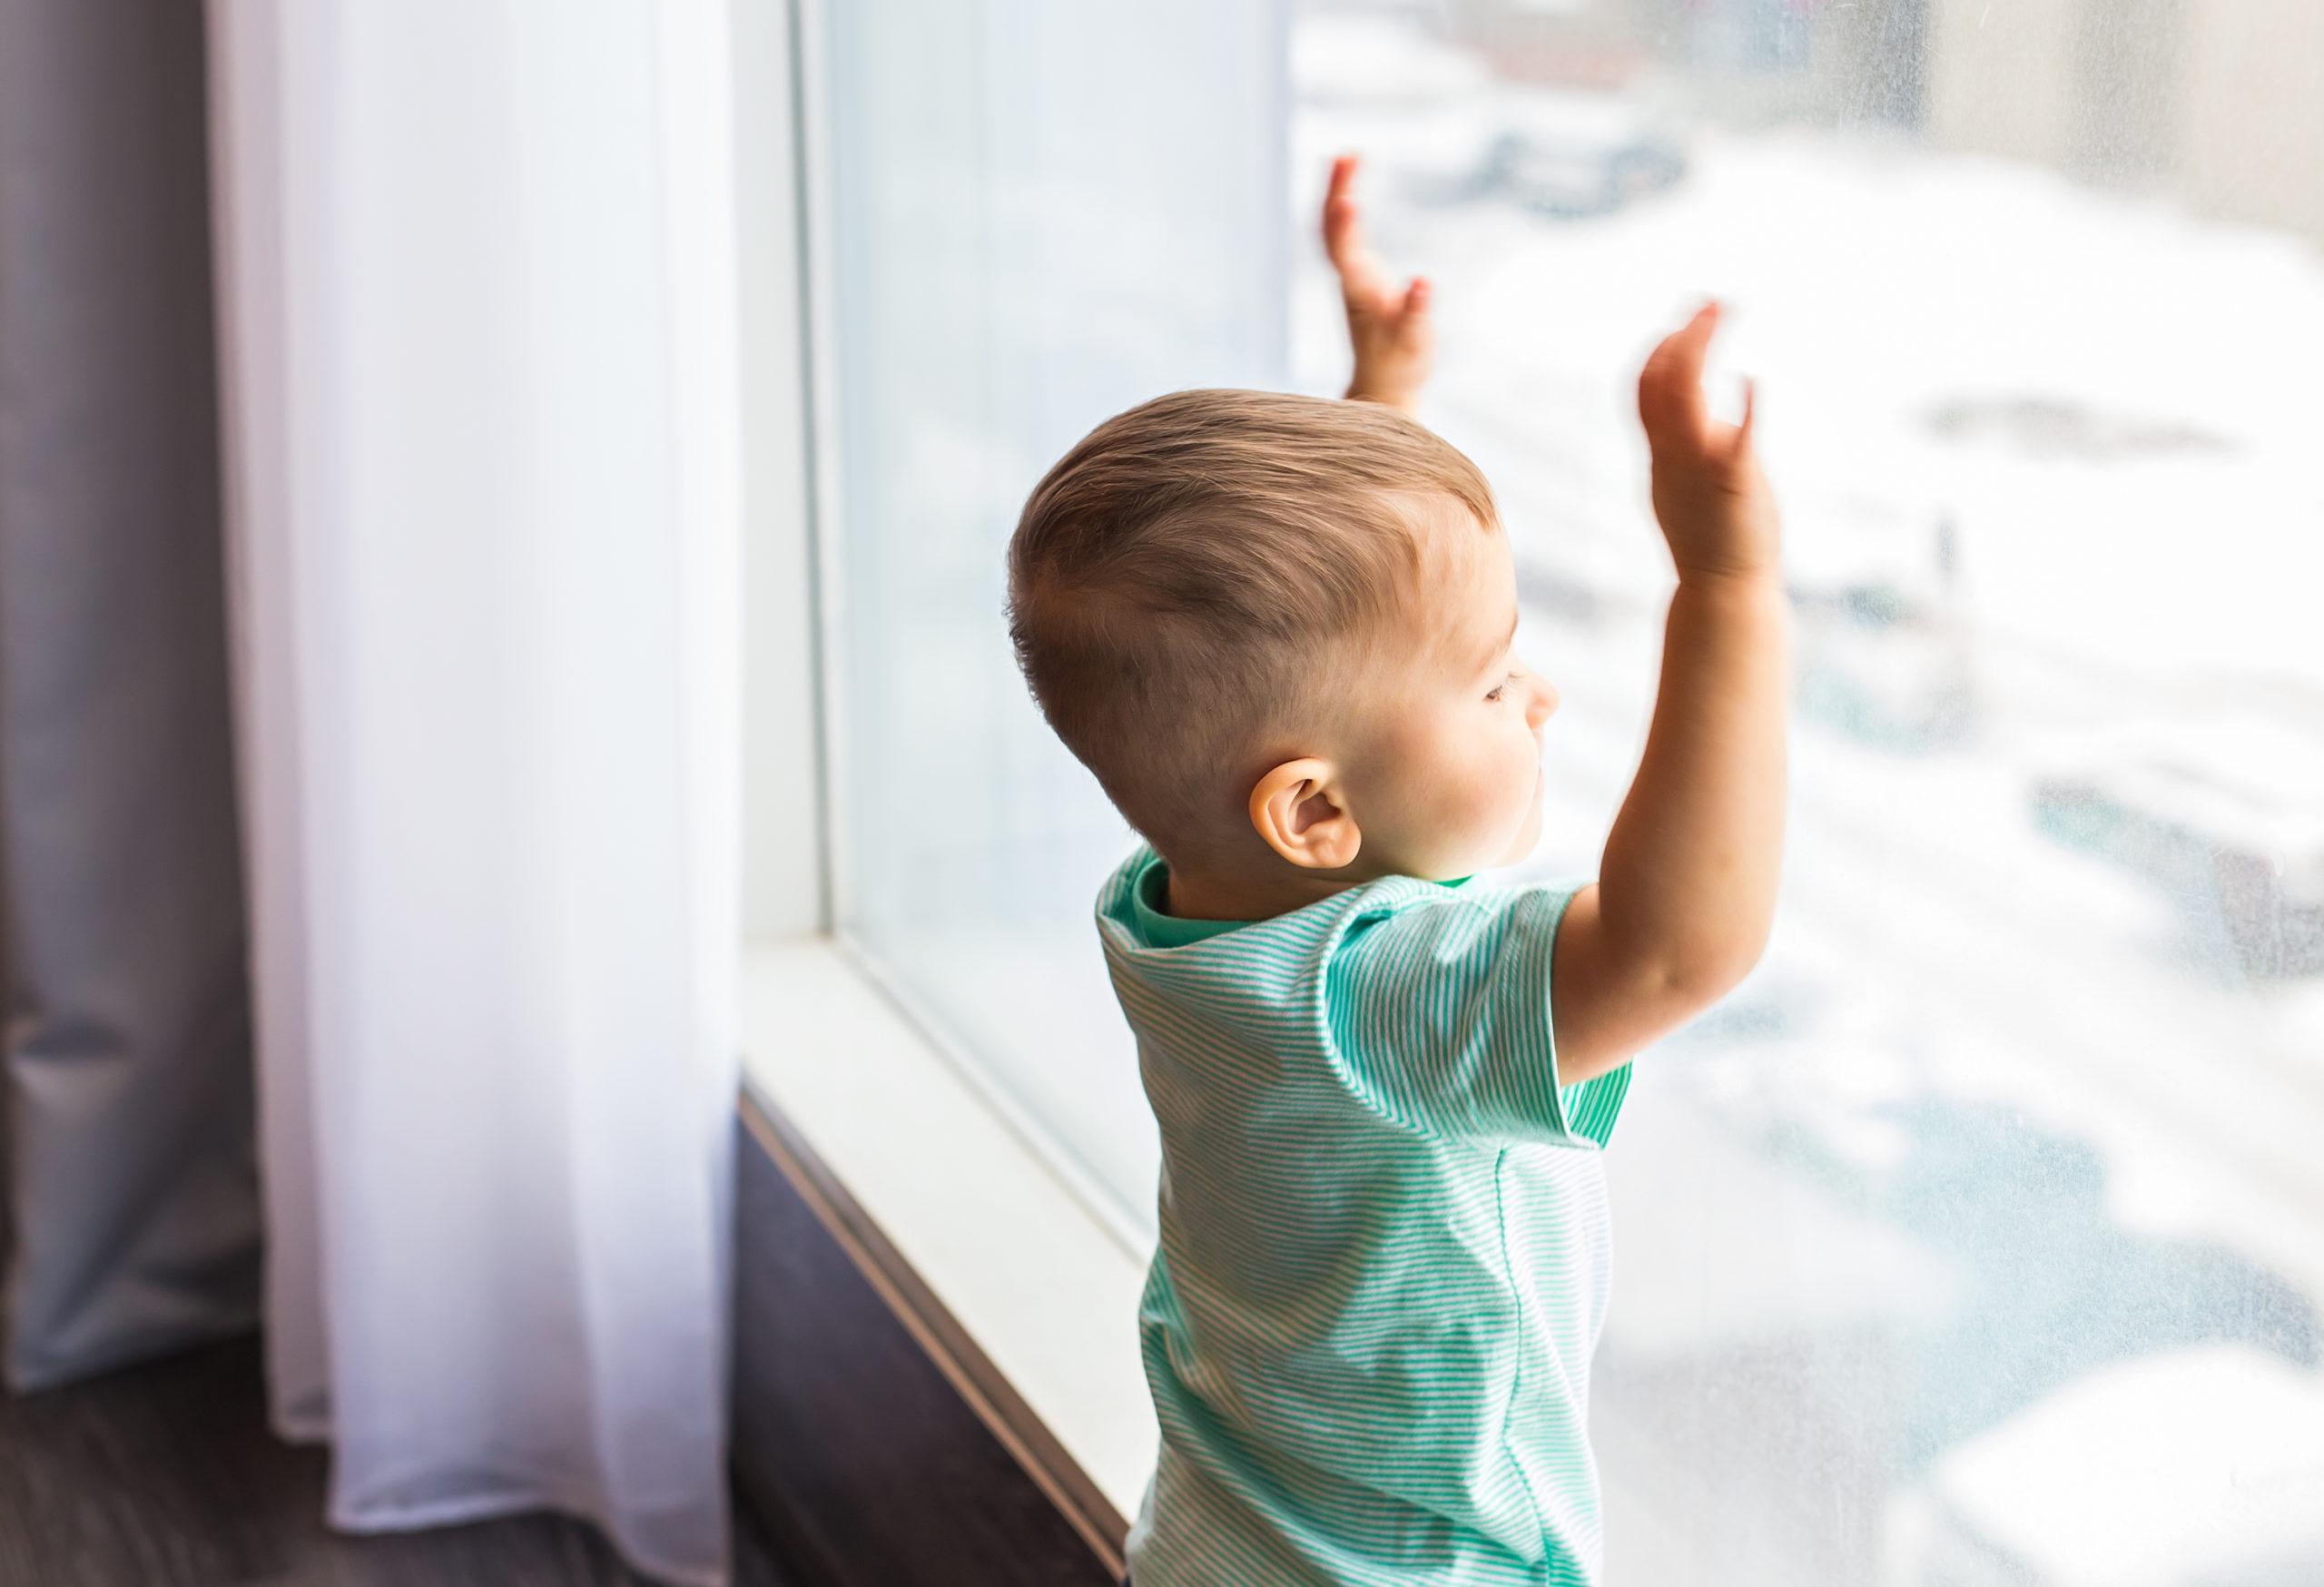 Kleiner Junge am Fenster